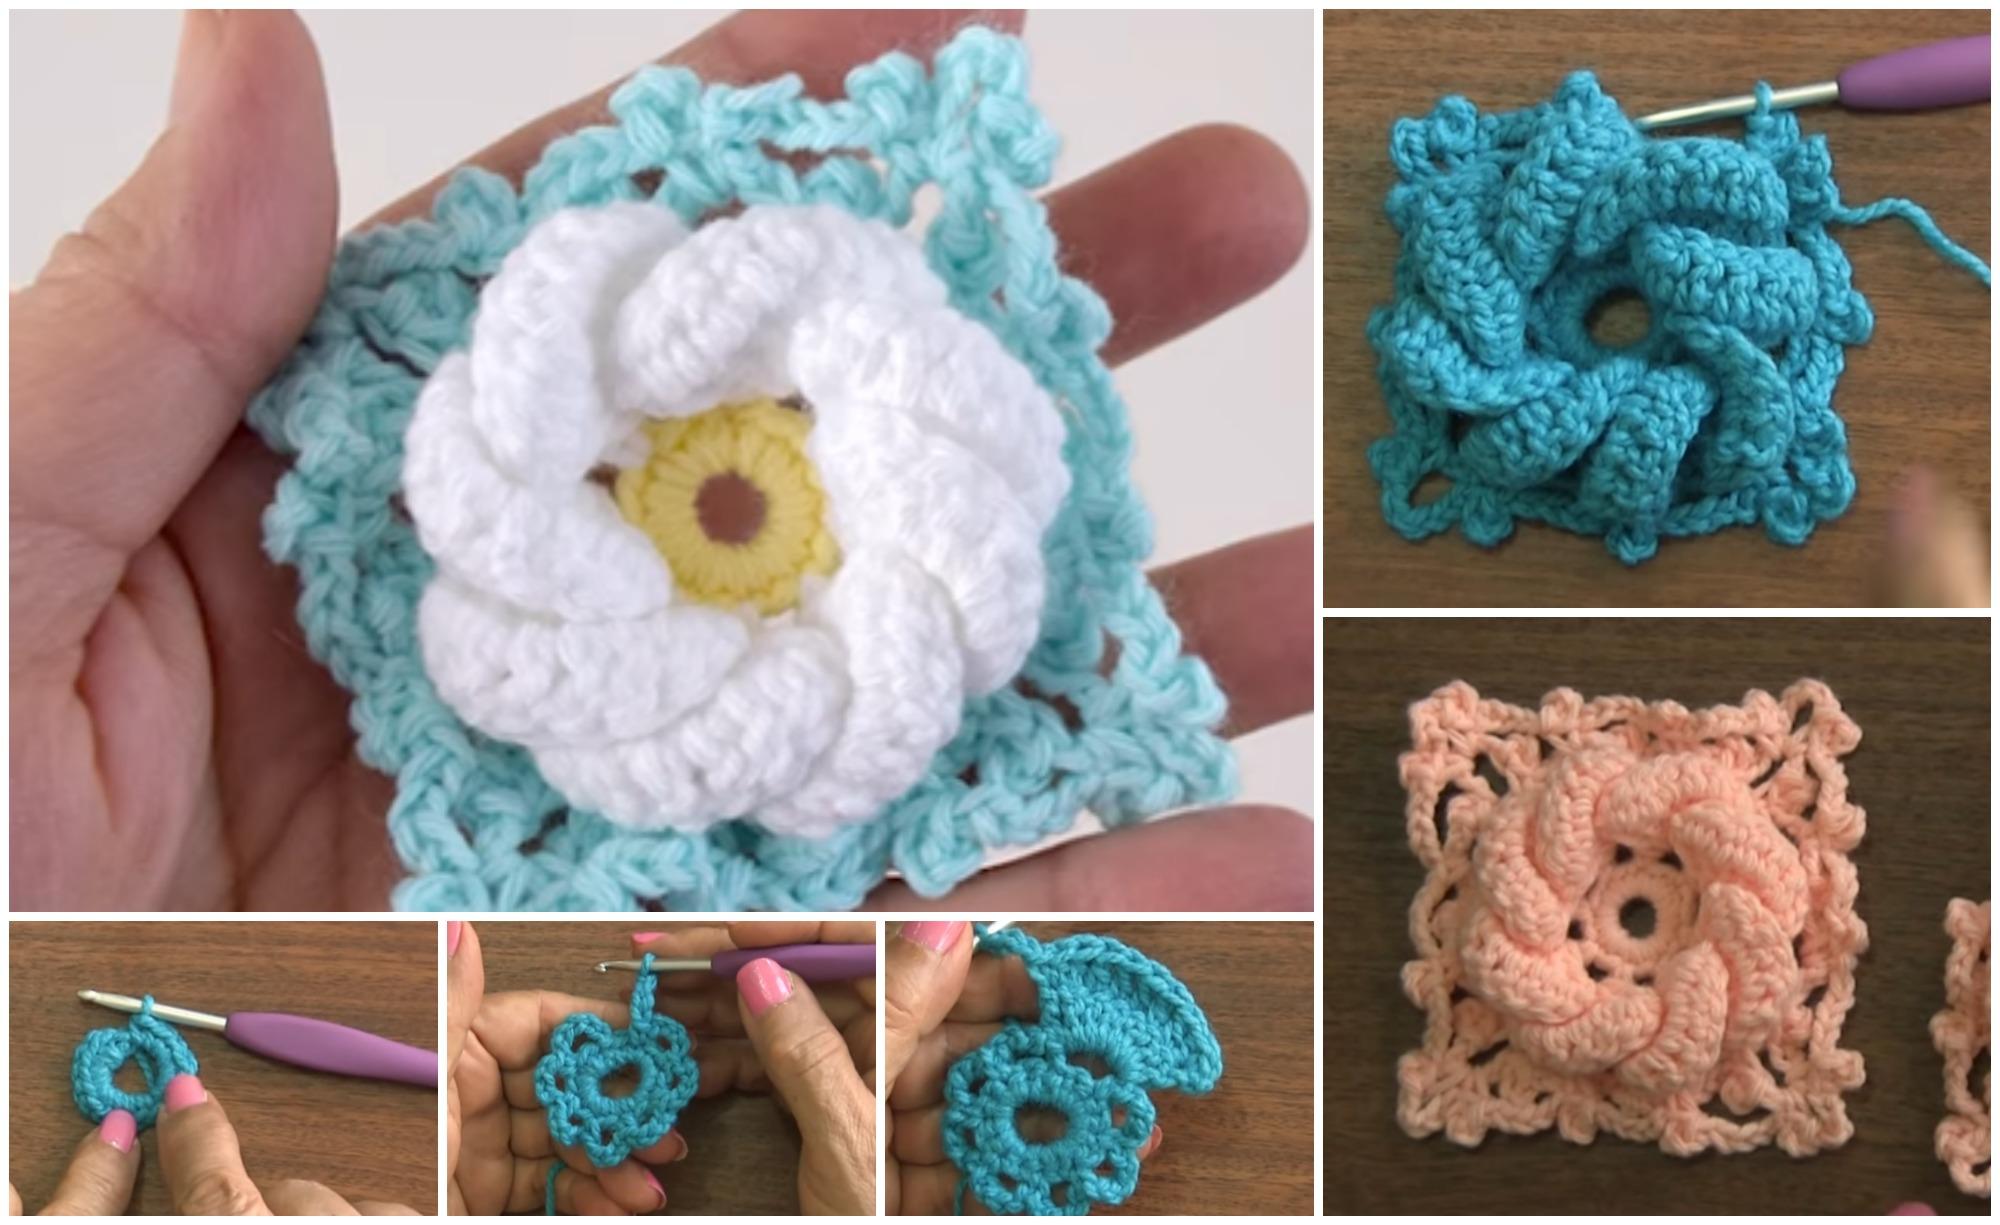 Crochet 3d Flower Granny Square